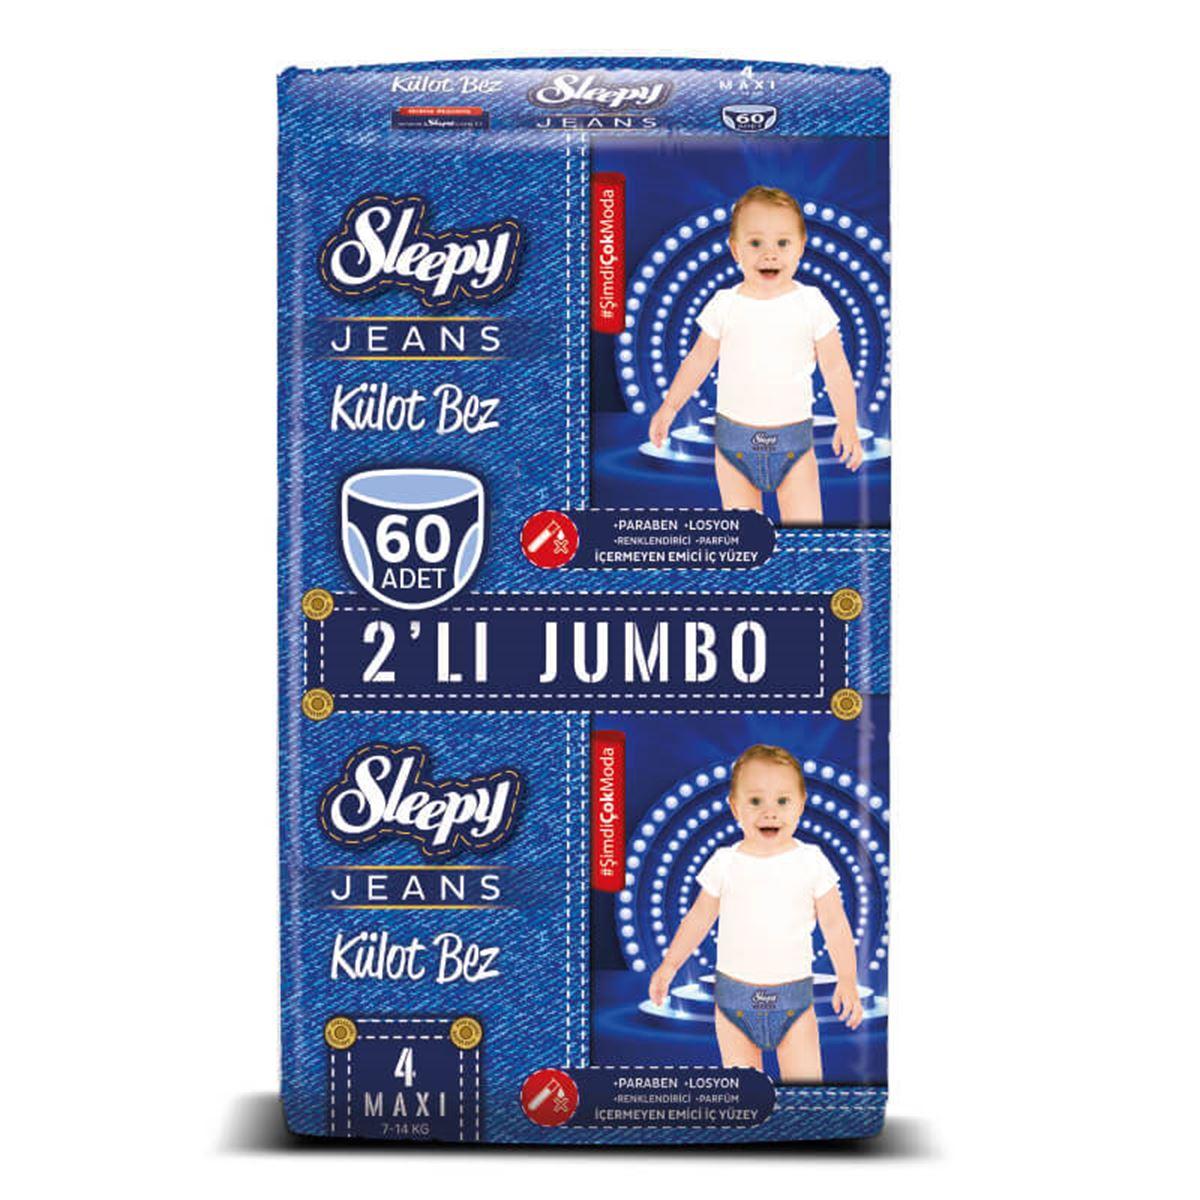 Sleepy Jeans KÜLOT Bez 4 Numara Maxi 2'Lİ JUMBO 60 Adet